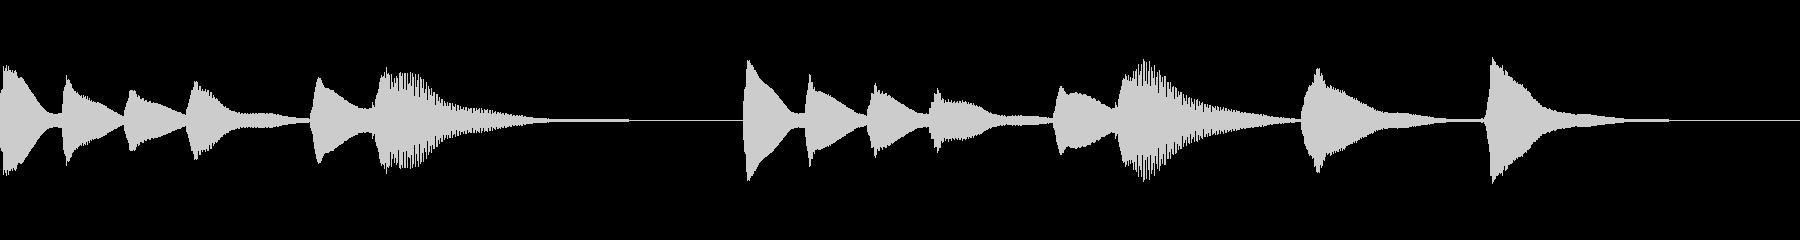 木琴ジングル16_にっこりピース☆の未再生の波形